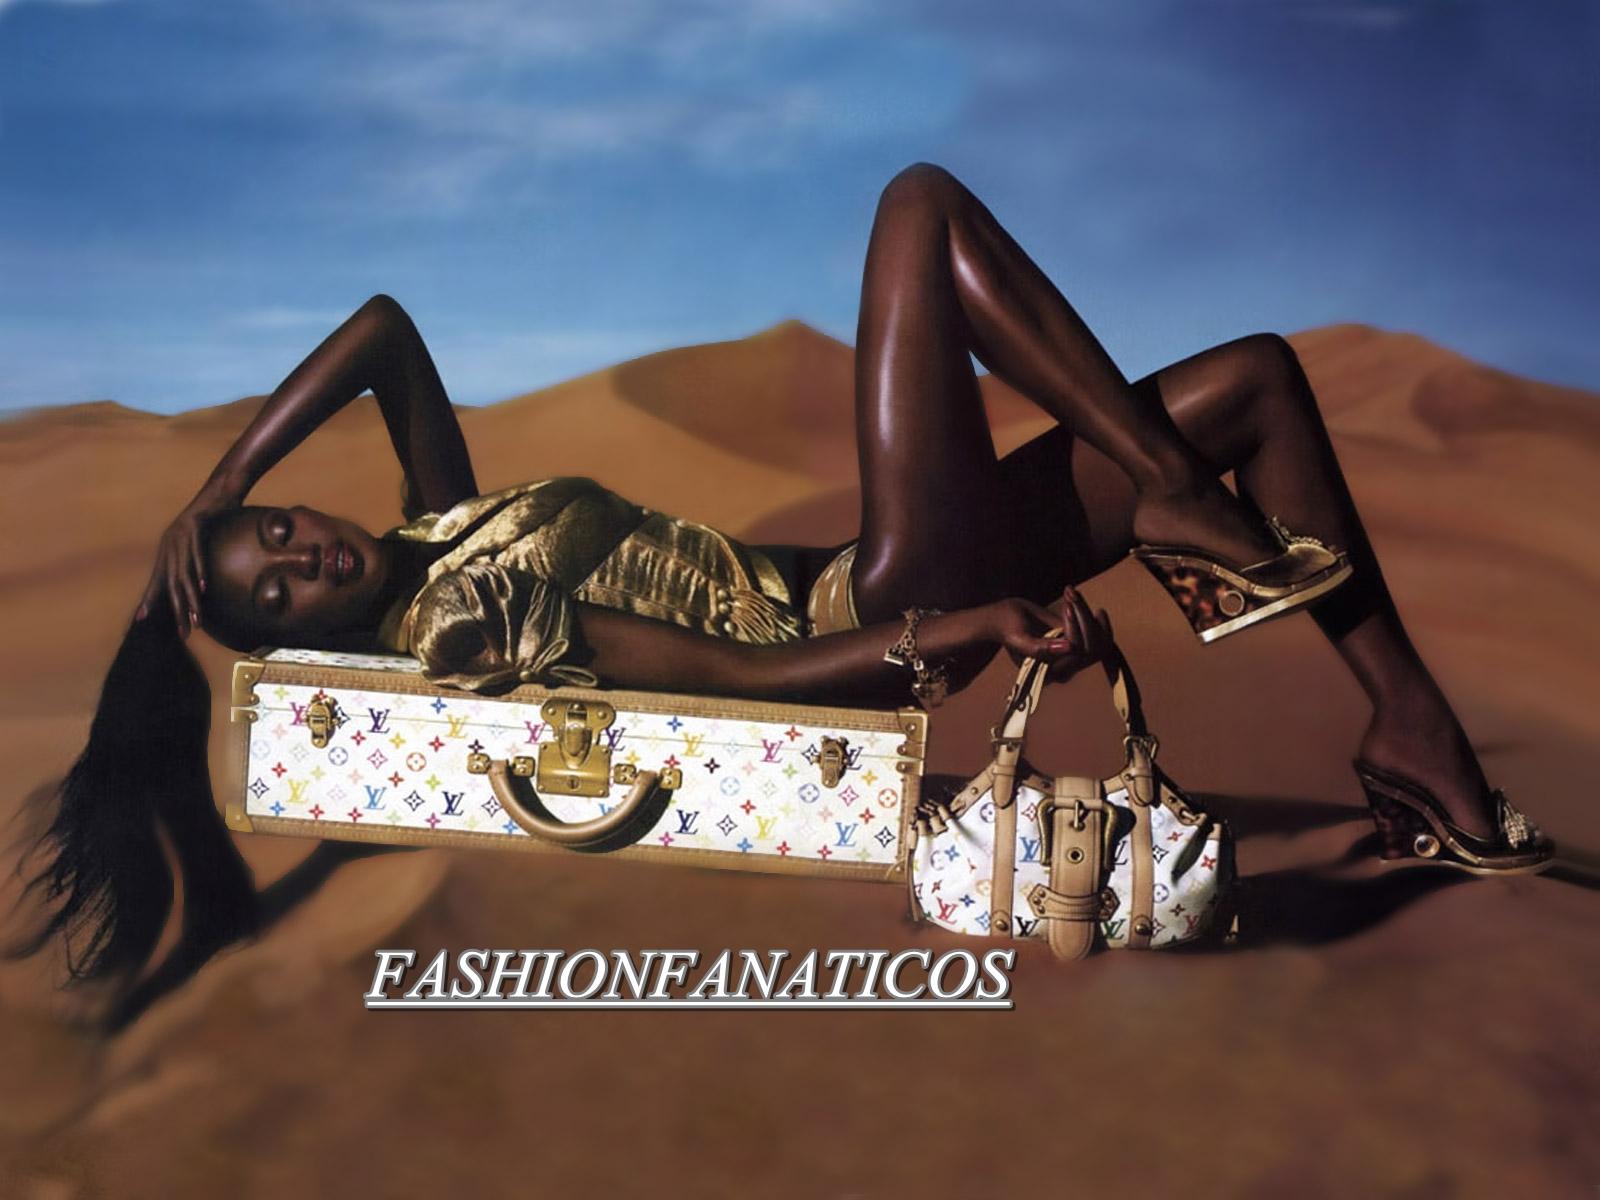 Louis Vuitton lanzará su primer perfume